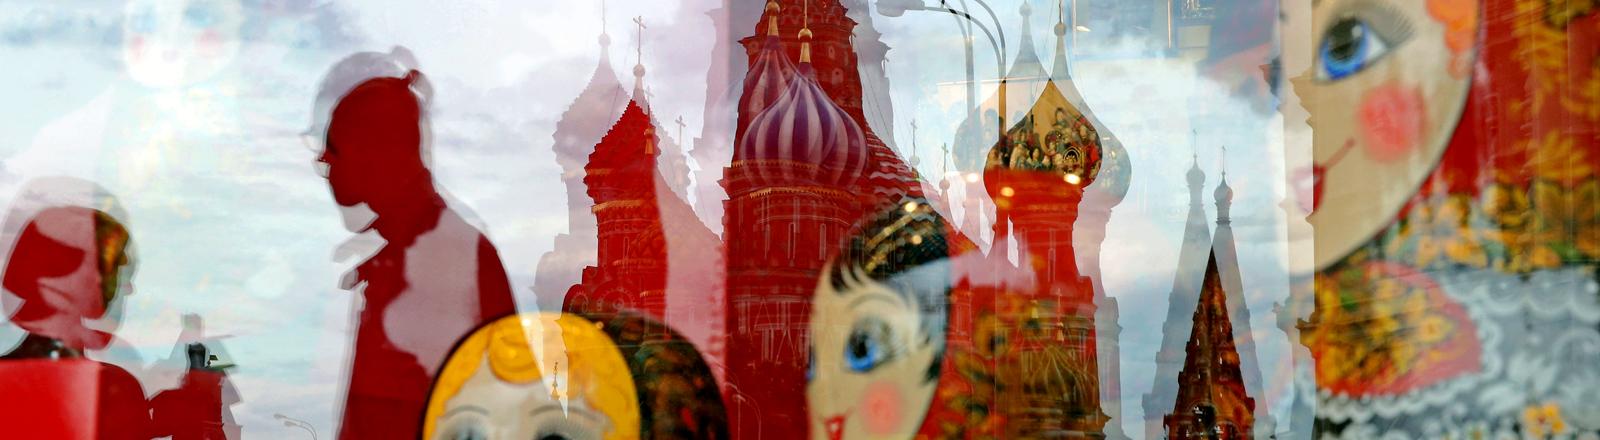 Im Schausfenster stehen Matroschka-Puppen, im Glas spiegelt sich die Basilika